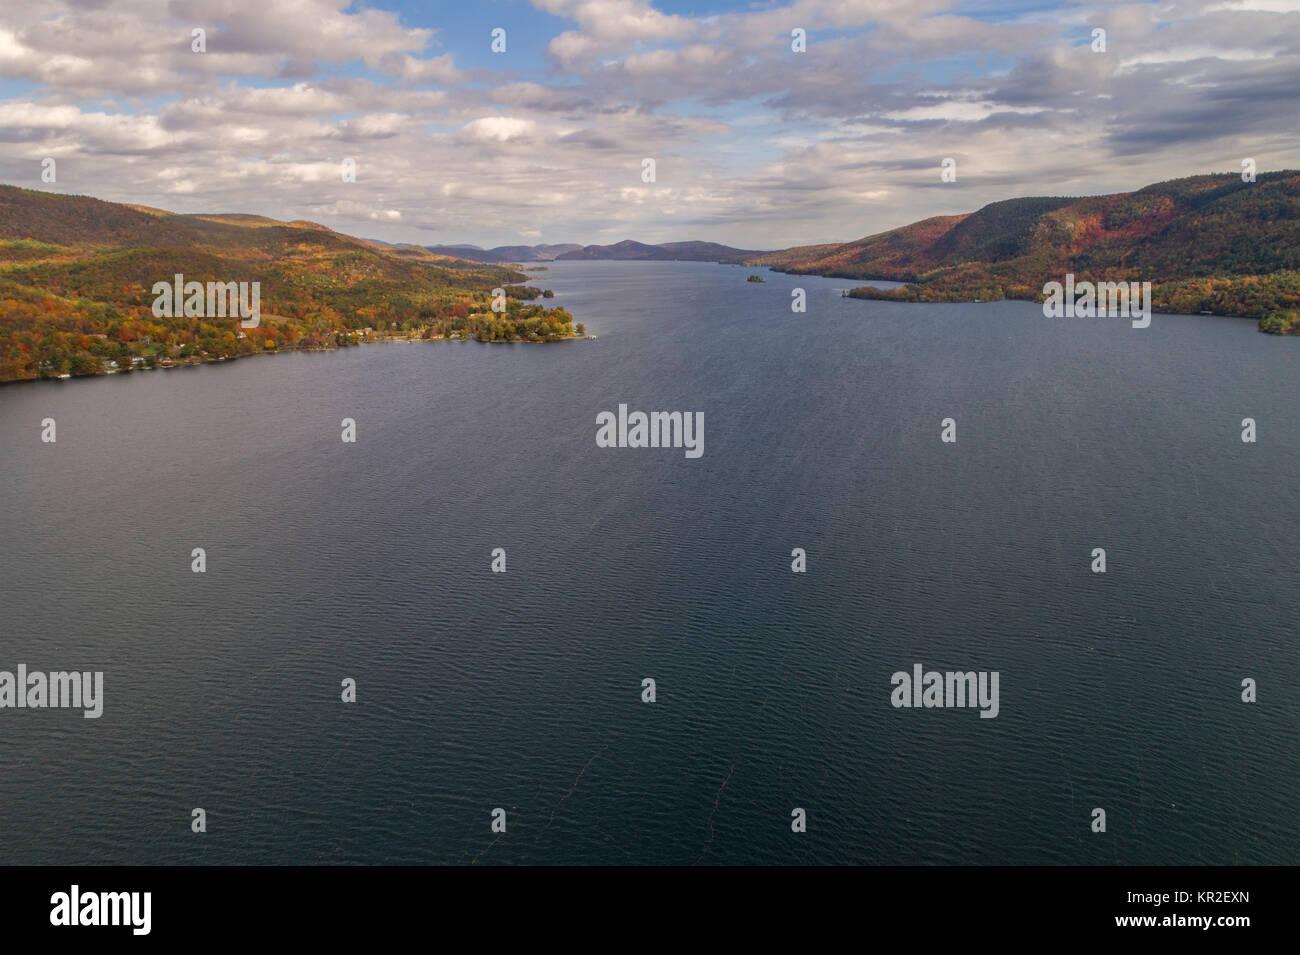 Vista desde el día sábado, Lake George, Nueva York, EE.UU. Imagen De Stock